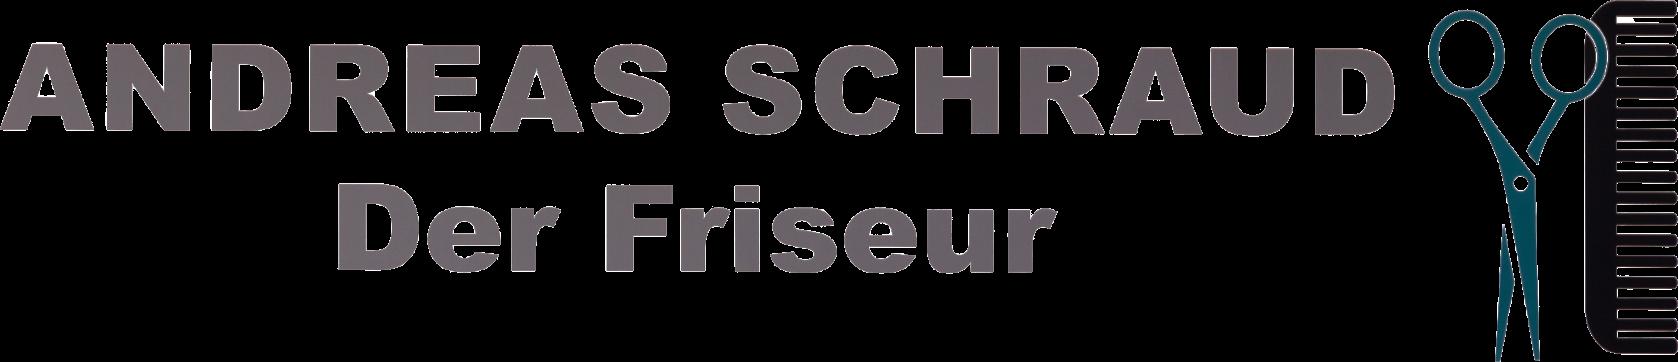 Friseurgeschäft Andreas Schraud